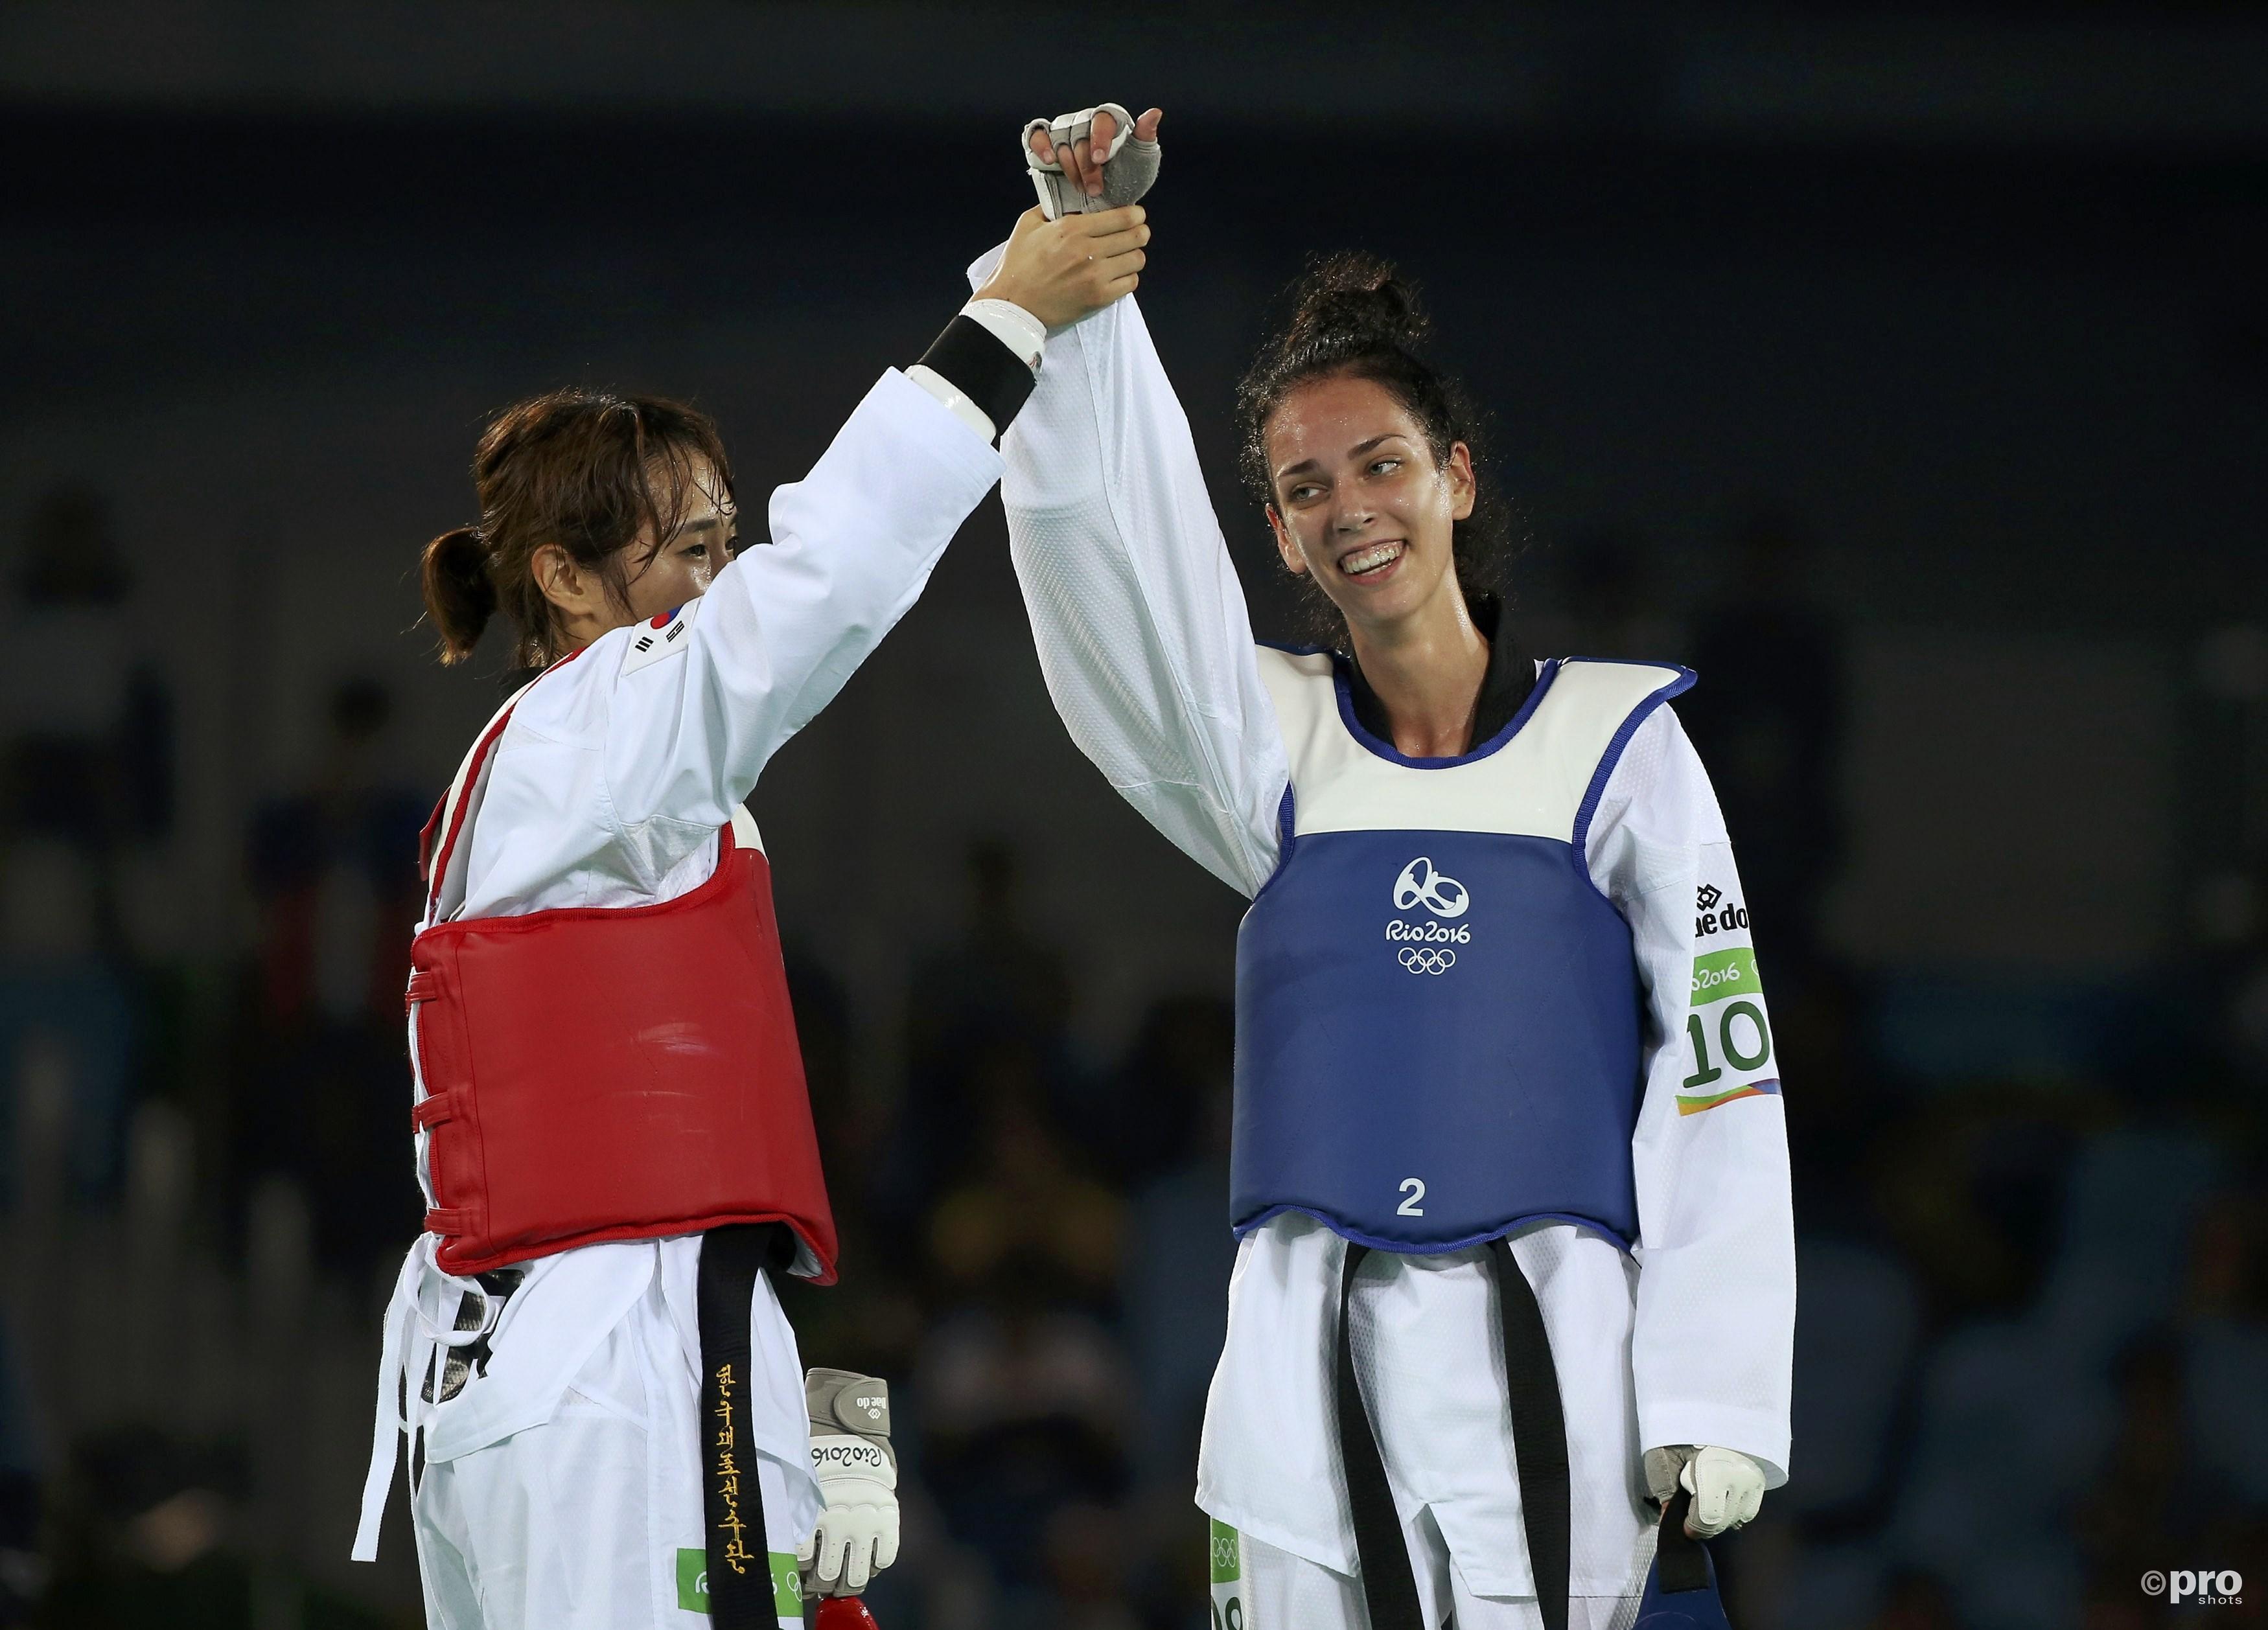 Kim toont haar respect voor de 17-jarige verliezend finaliste Bogdanovic (PROSHOTS/Action Images)